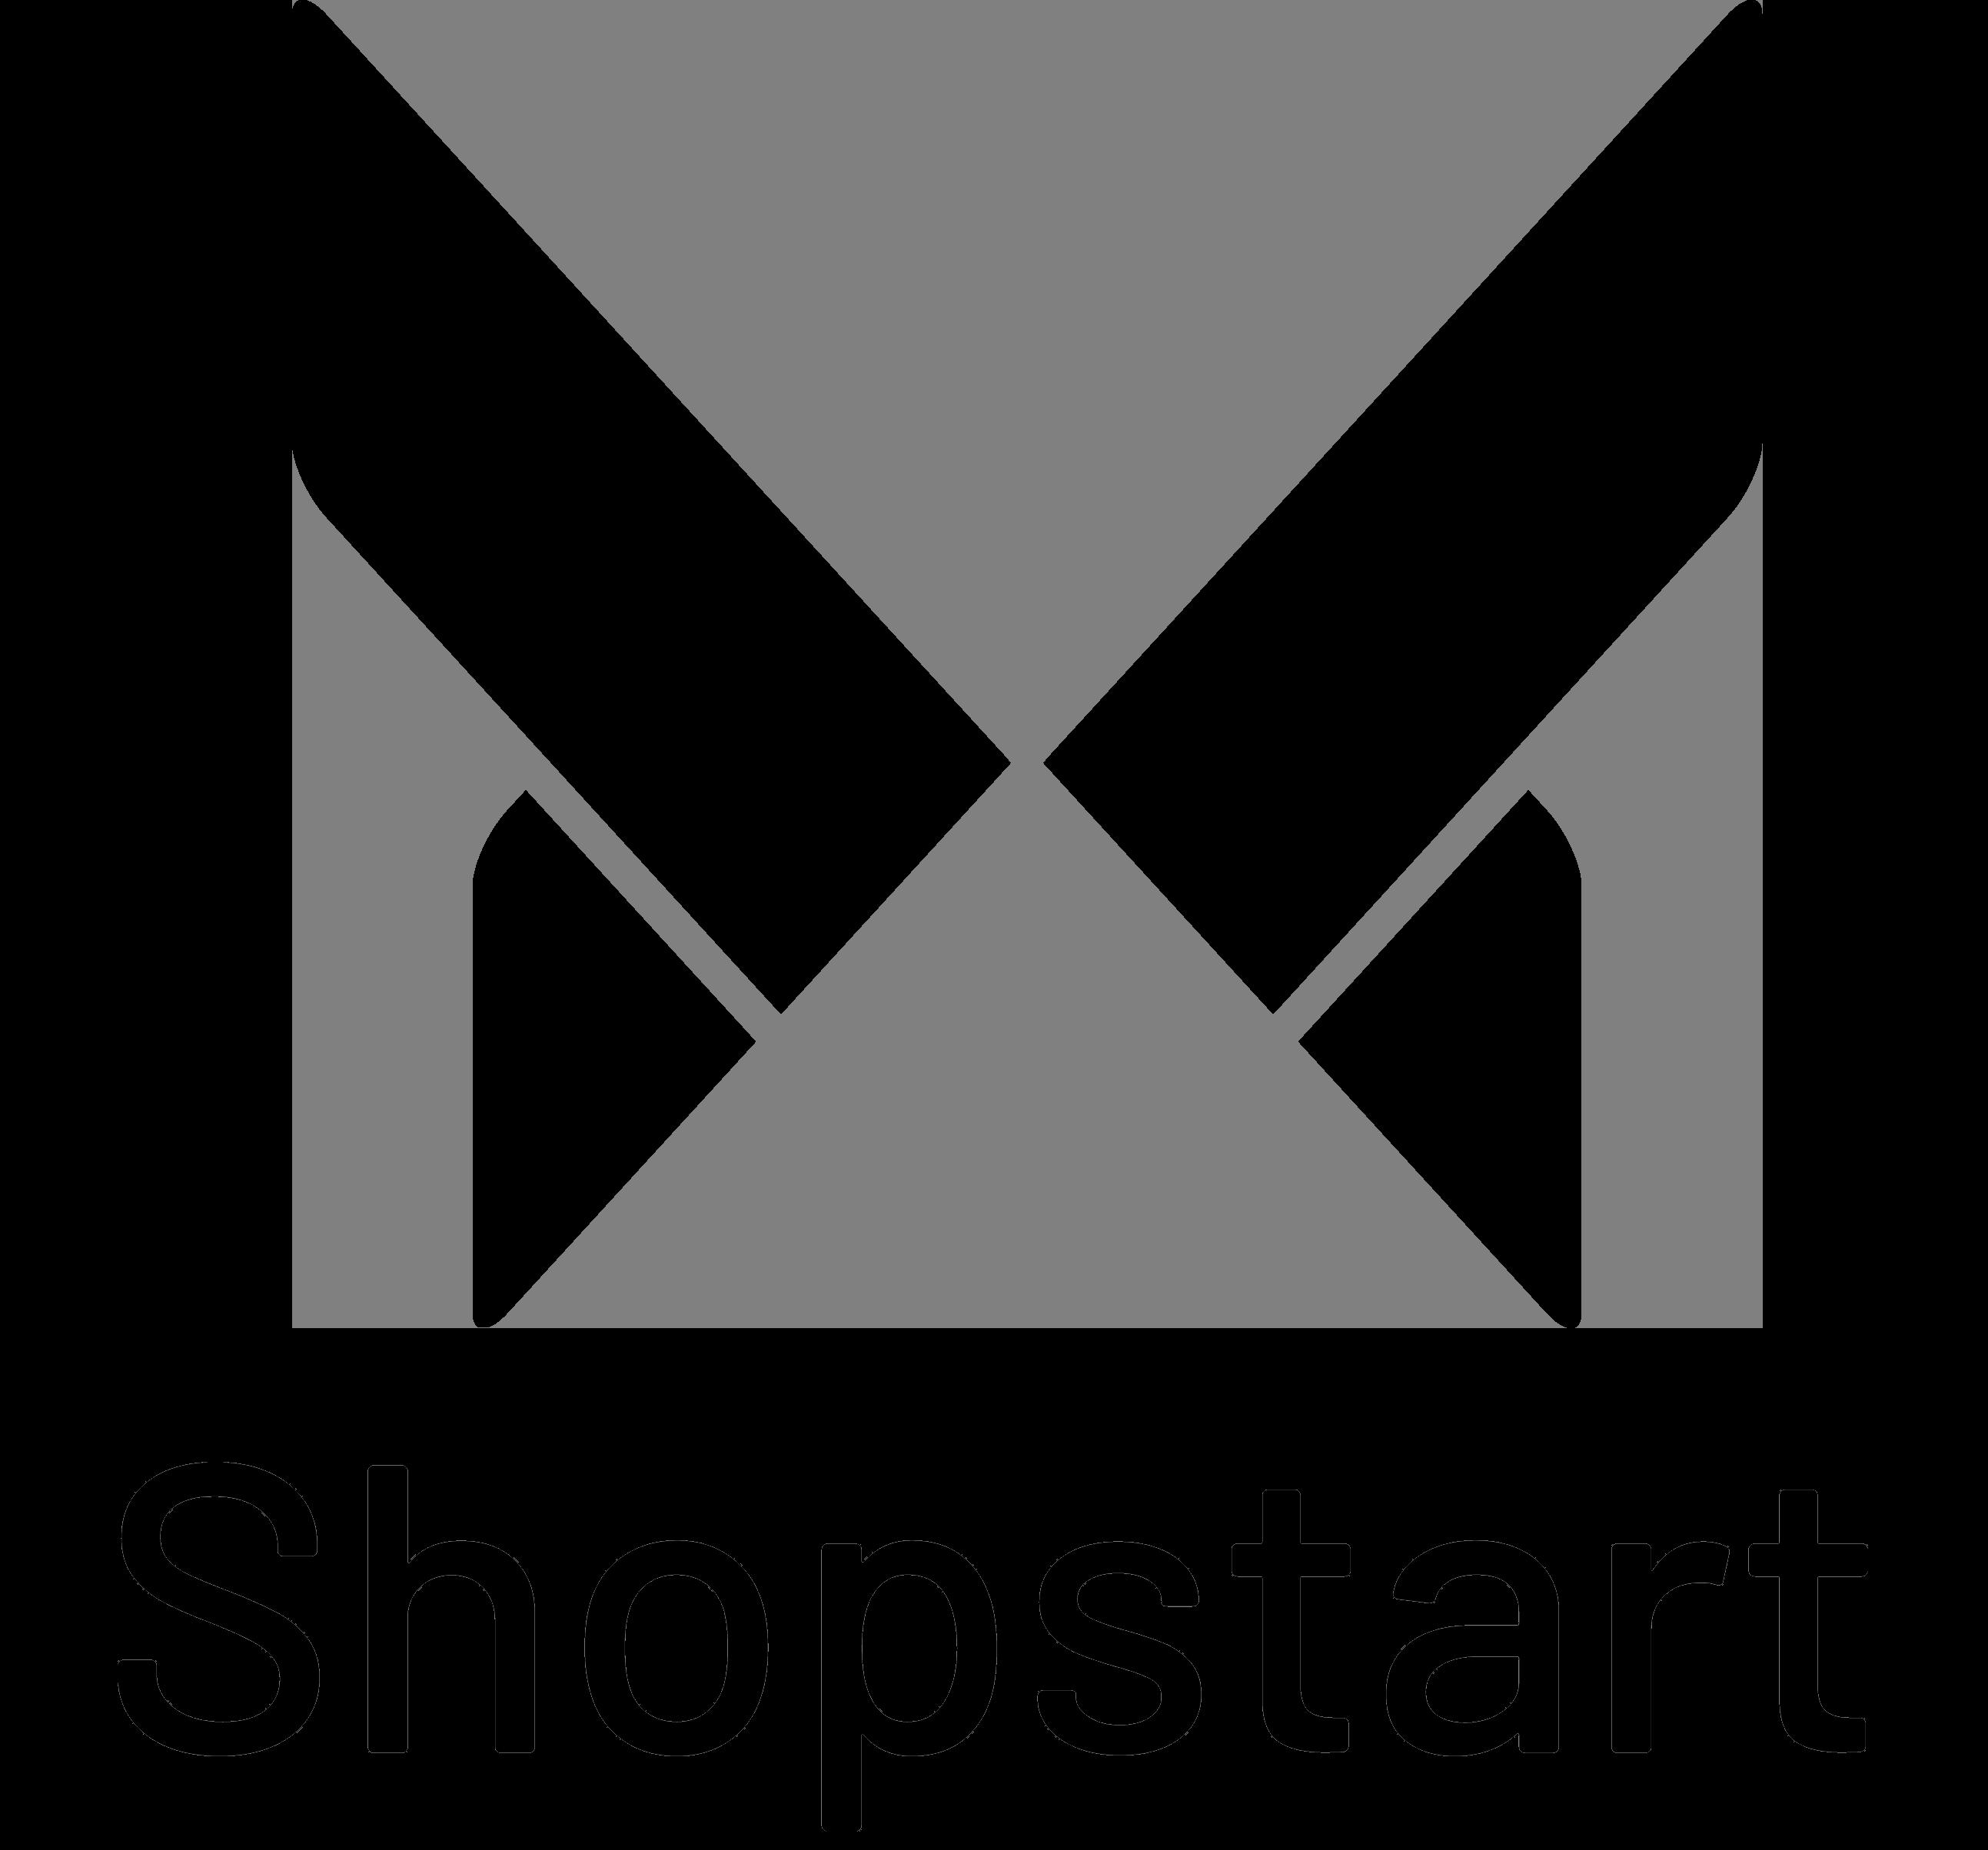 Billy Regnskabsprogram integrerer med Shopstart